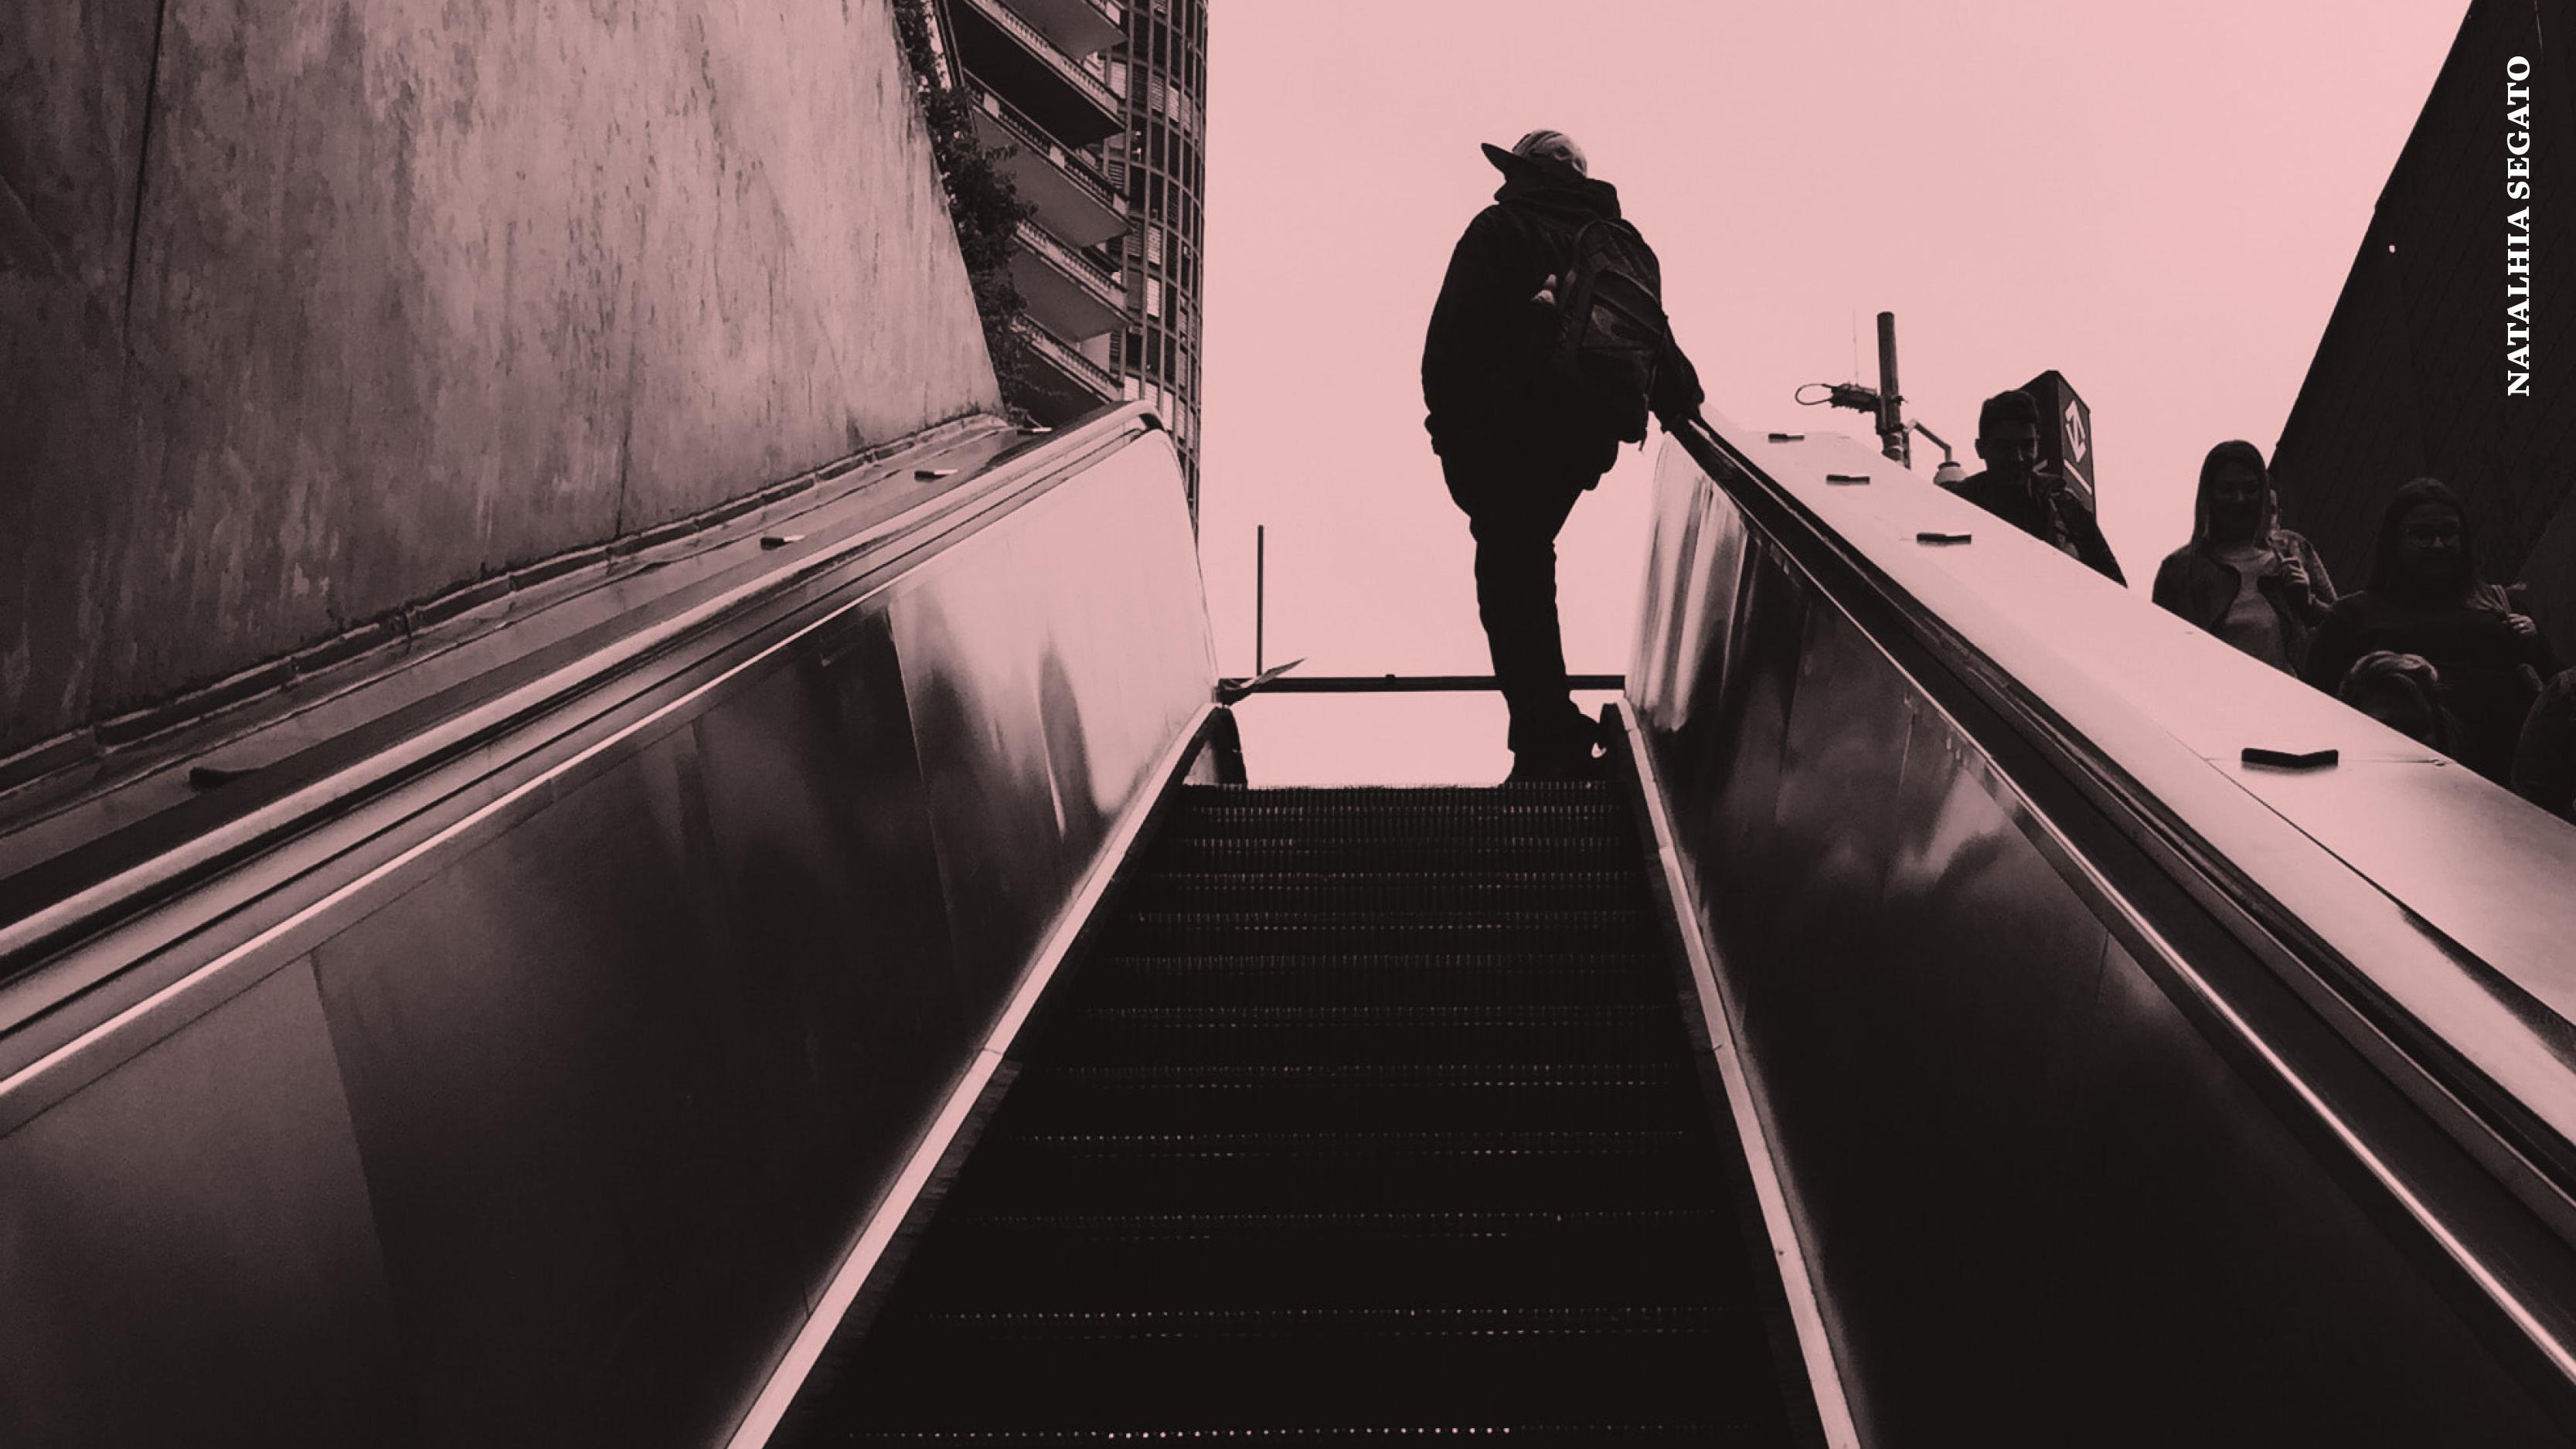 A solidão de um homem teria em si algo terrível demais